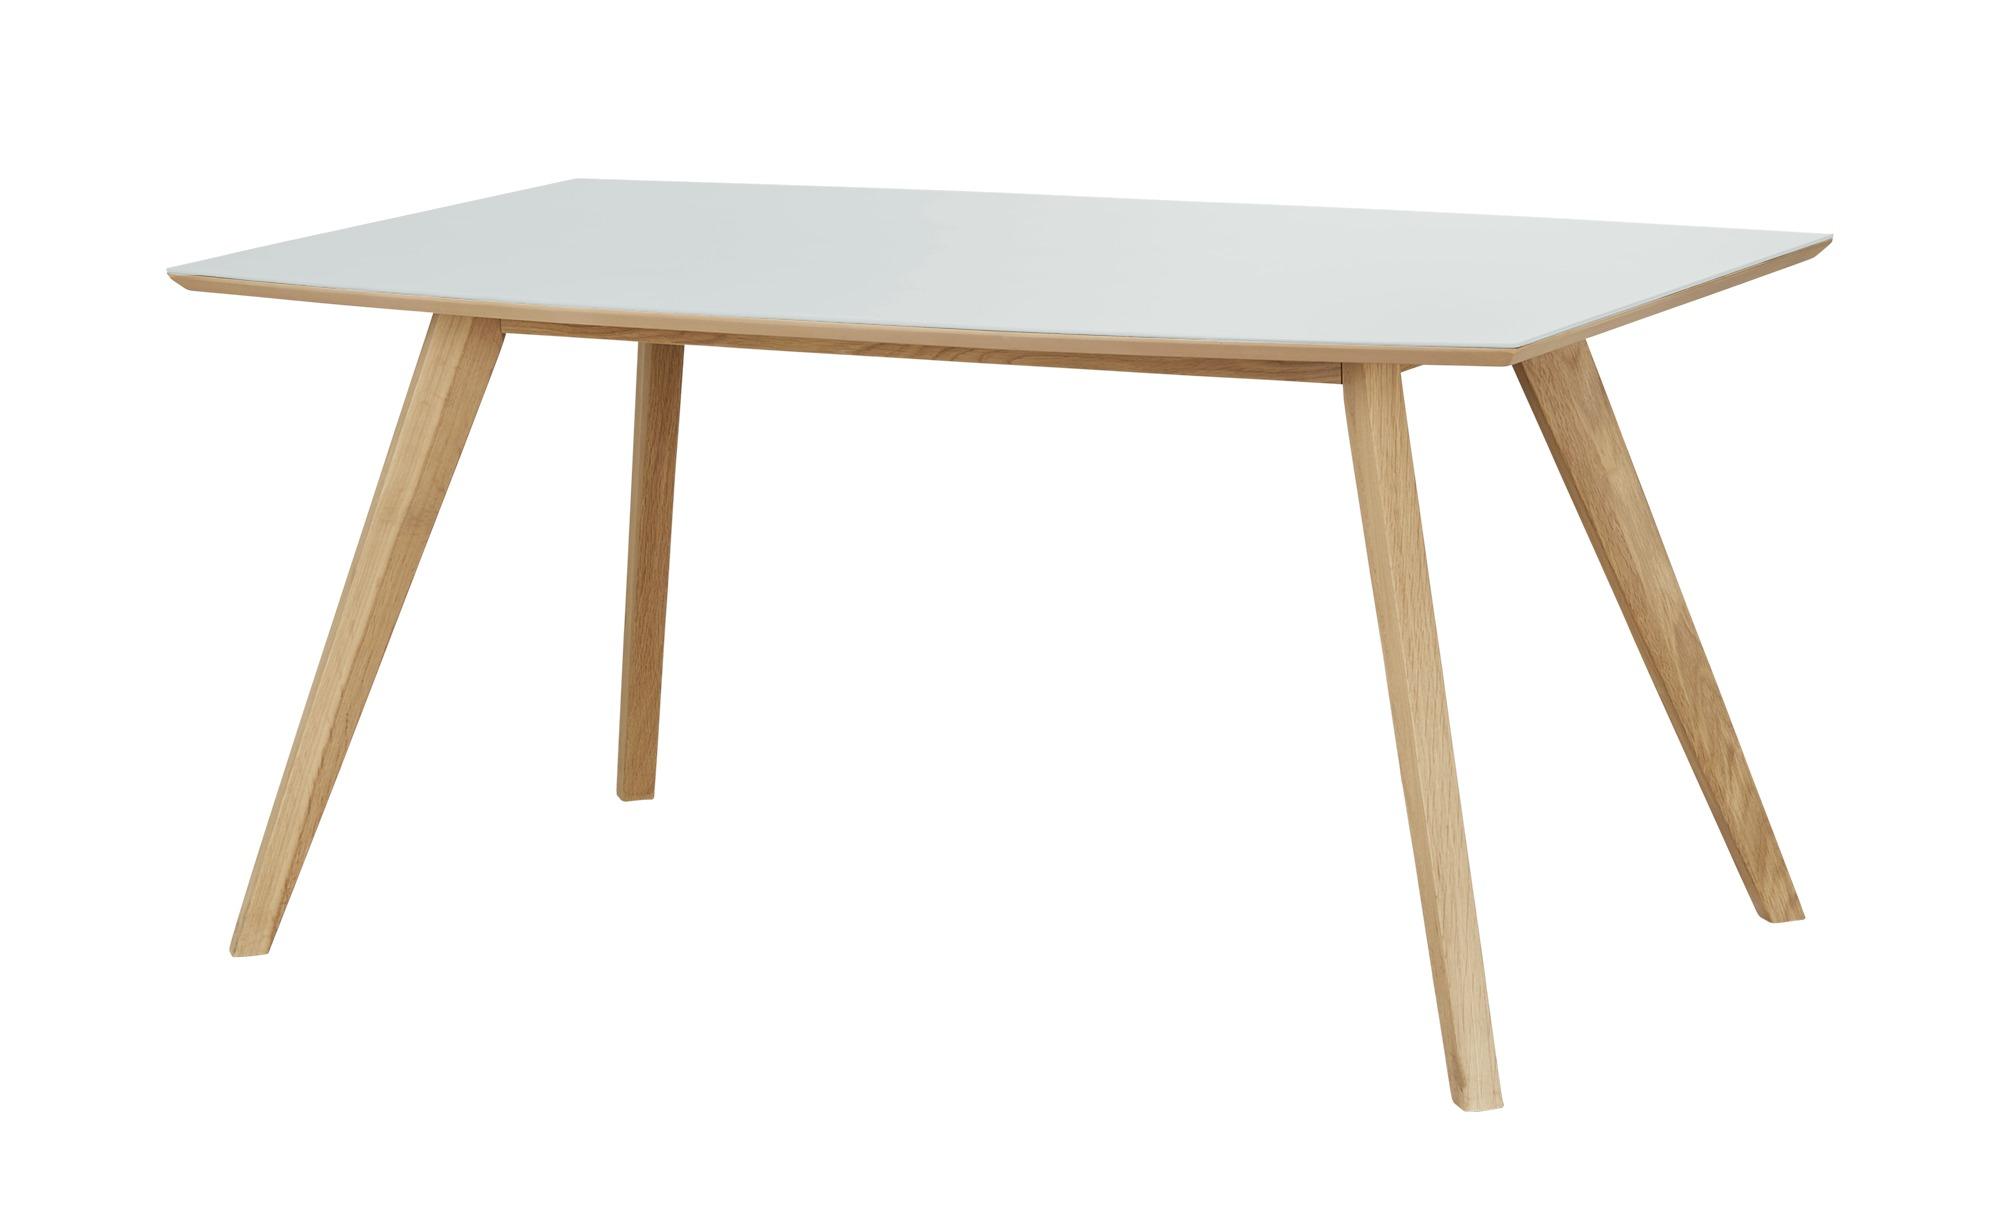 Woodford Esstisch Bari Gefunden Bei Mobel Hoffner Esstisch Massiv Esstisch Und Kuche Tisch